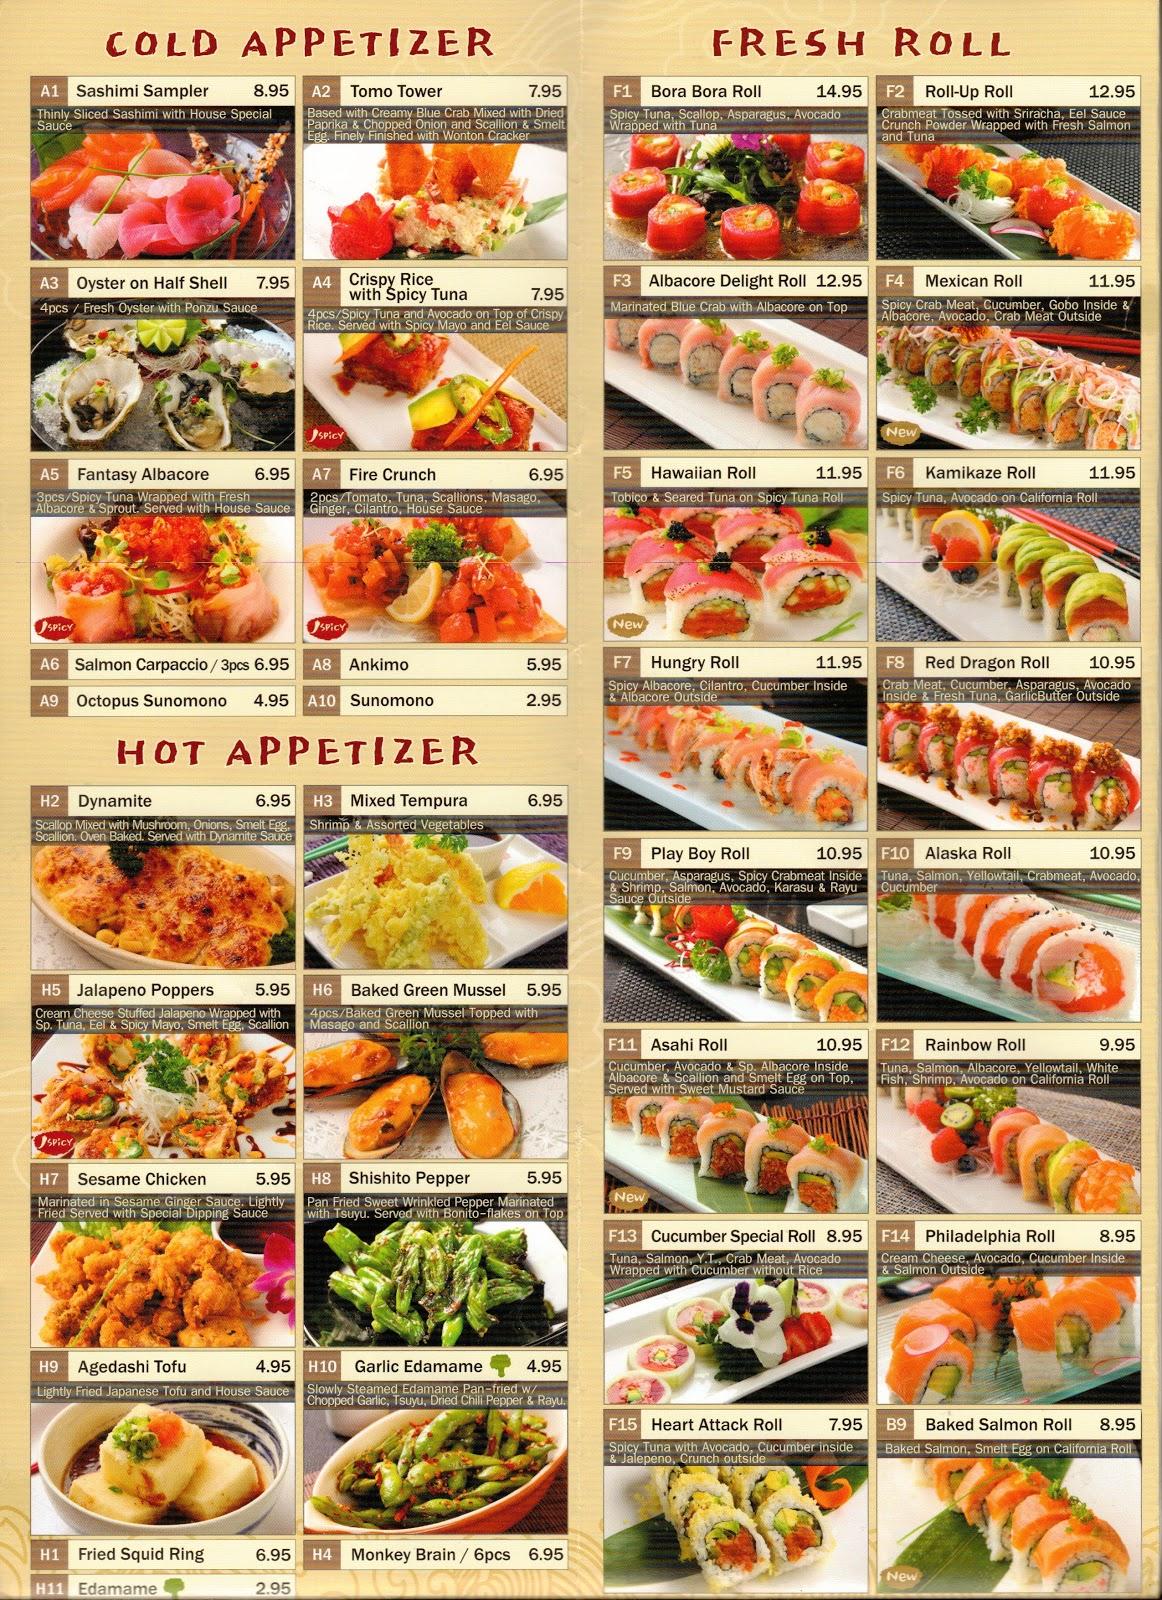 tomo sushi robata grill northridge - Sushi Garden Tucson